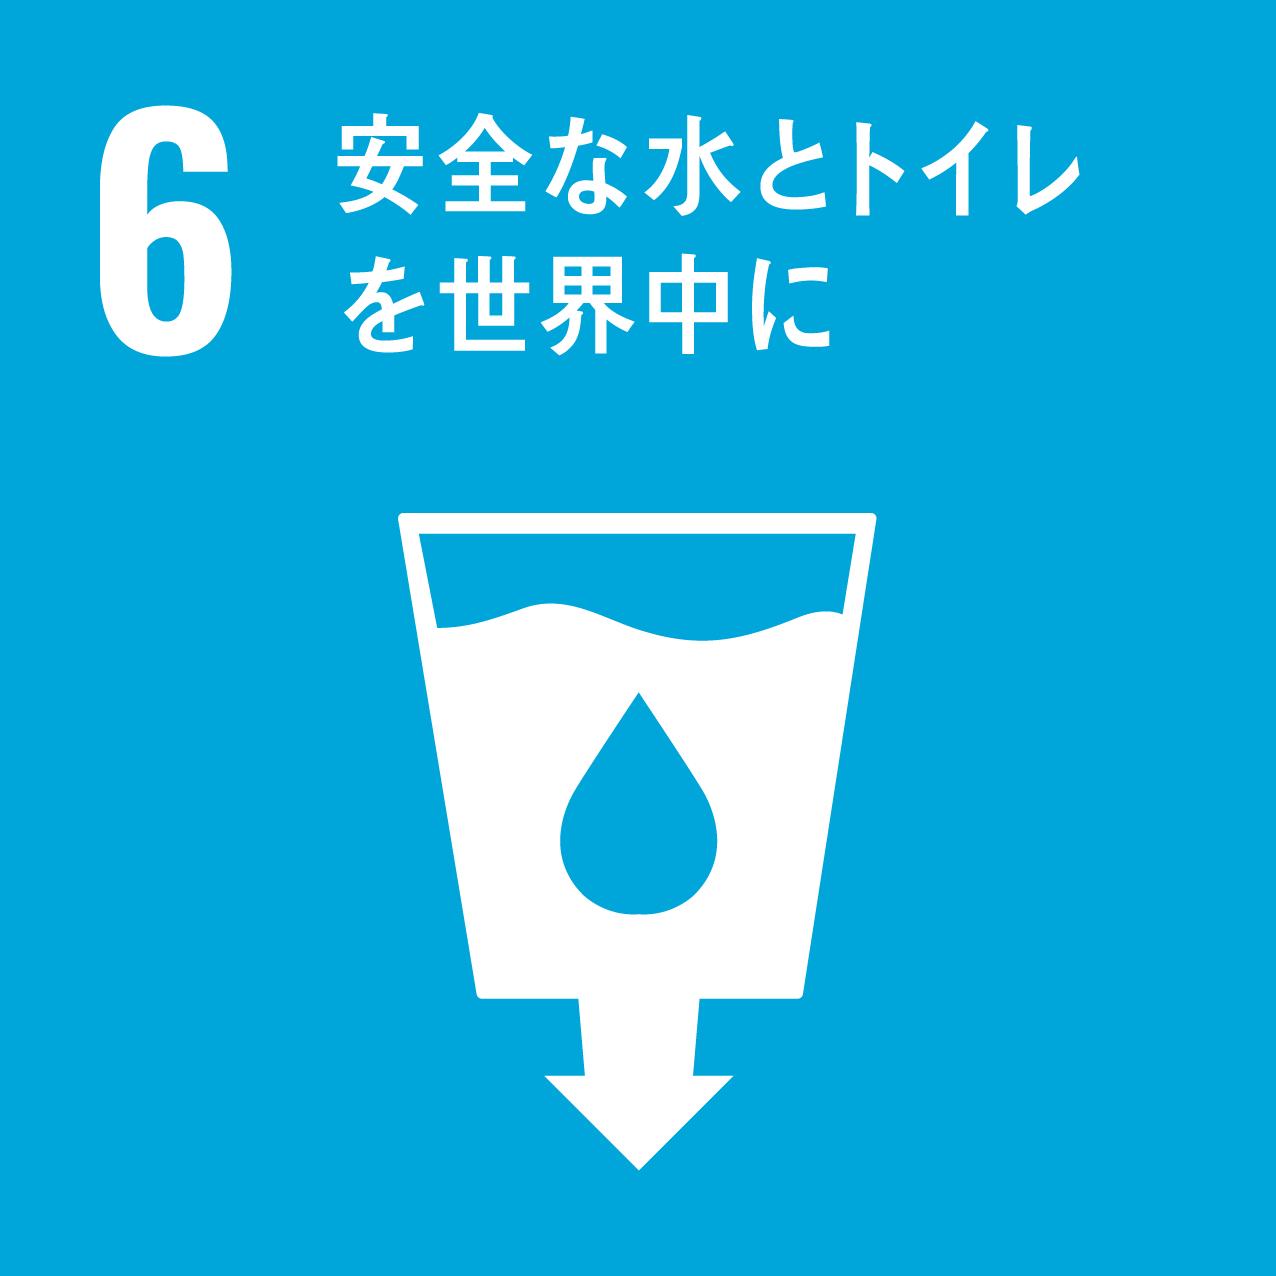 ハンドループのSDGs 6 安全な水とトイレを世界中に